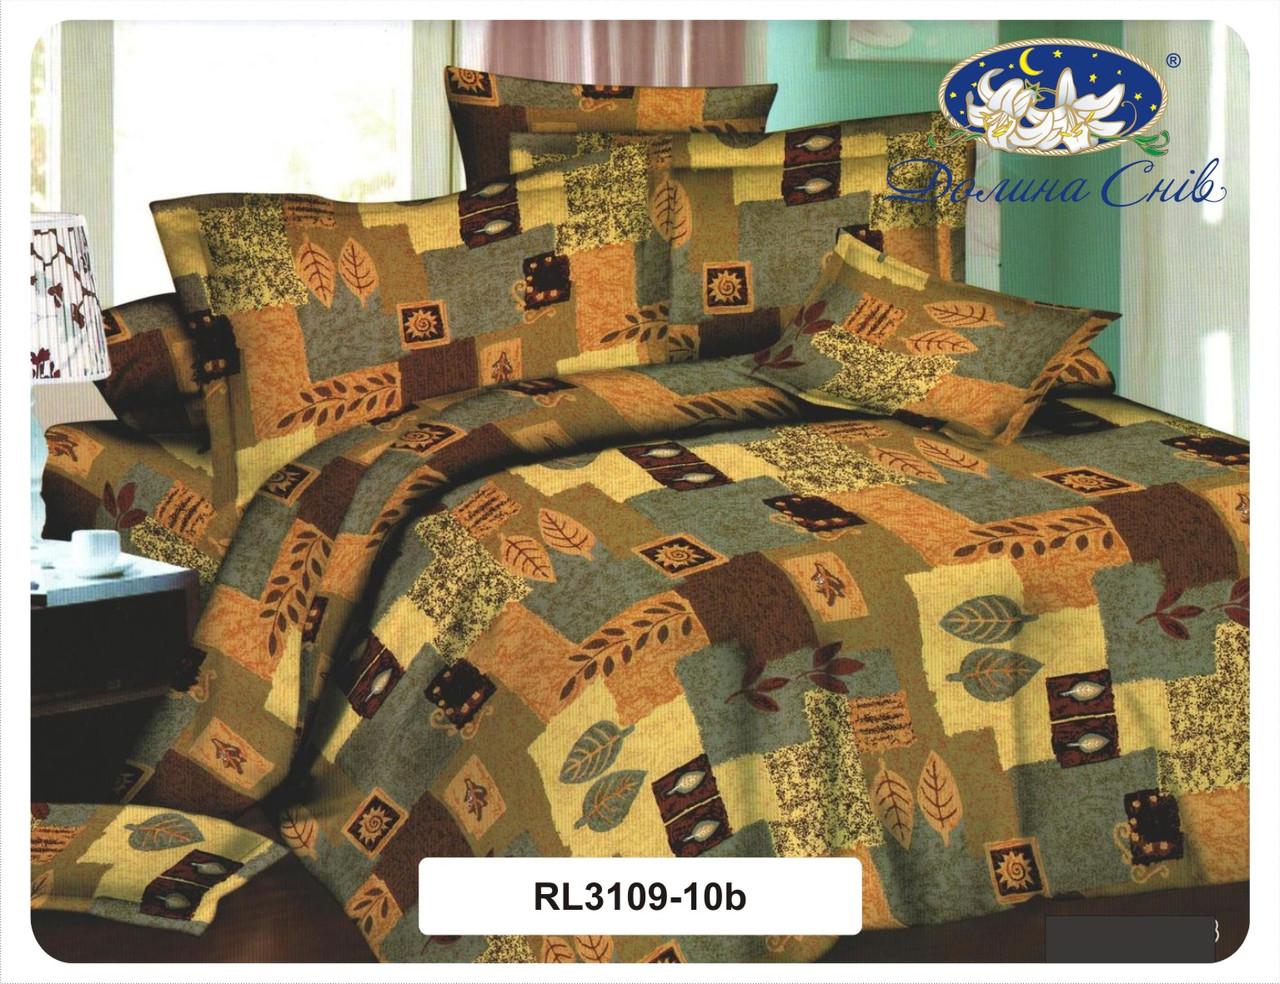 Одеяло из холлофайбера 140x205 см RL-3109-10b